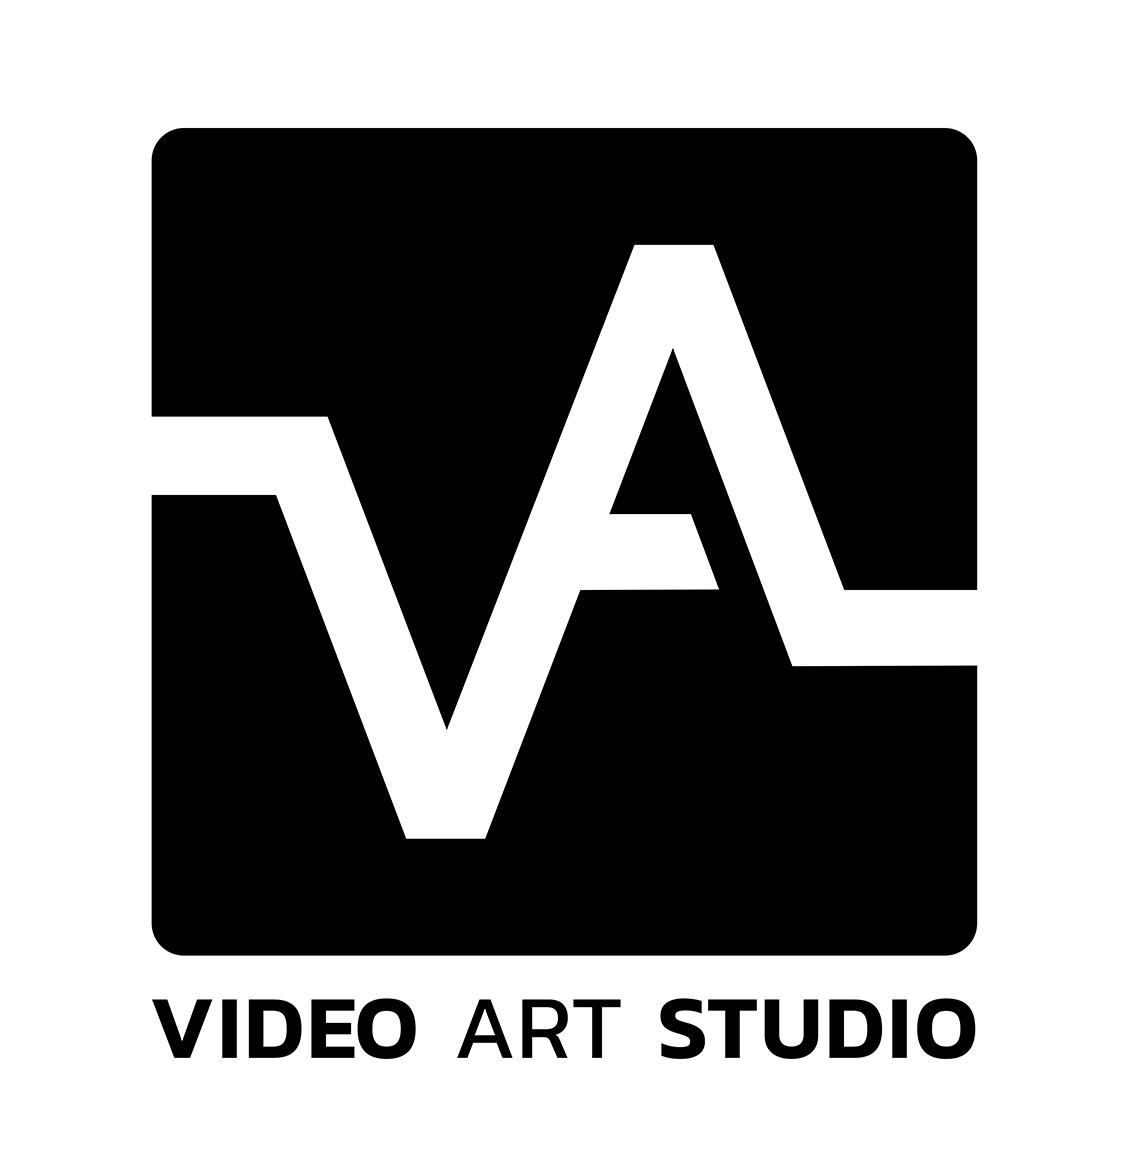 Video Art Studio